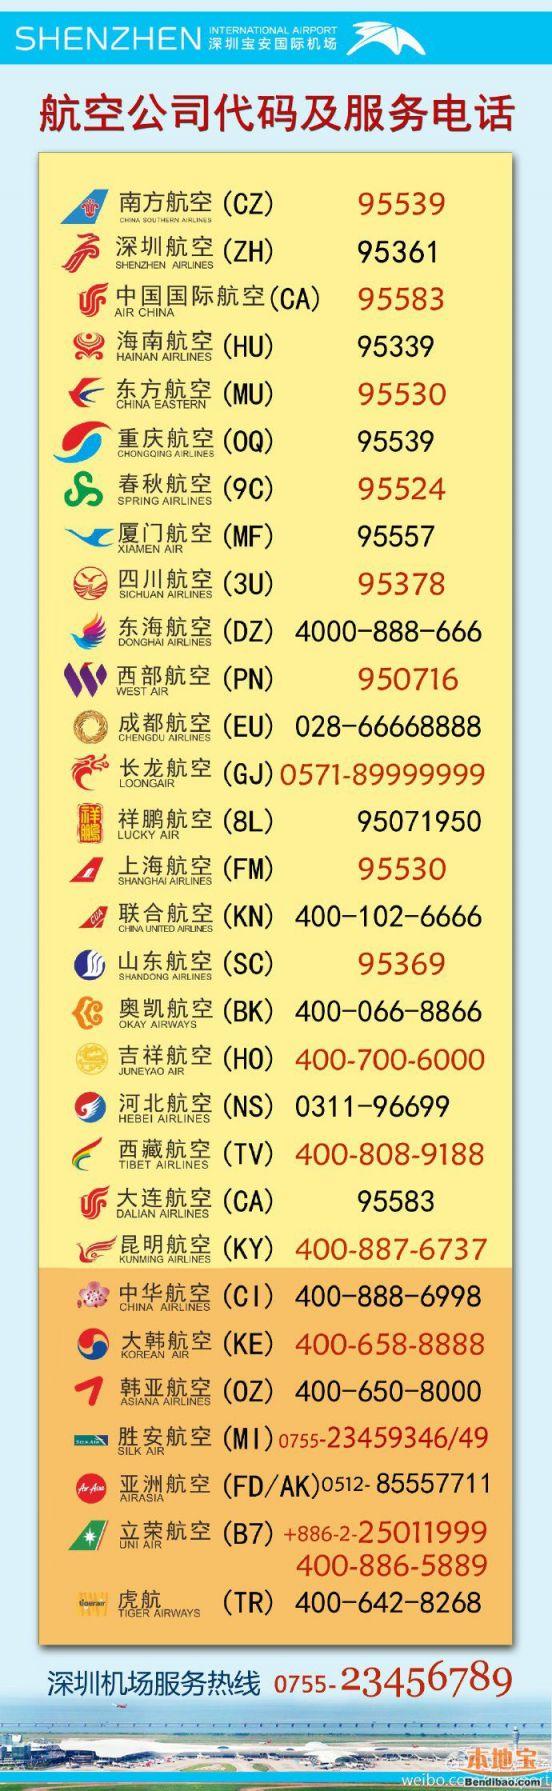 请注意!深圳机场18时将恢复航班并通宵运作